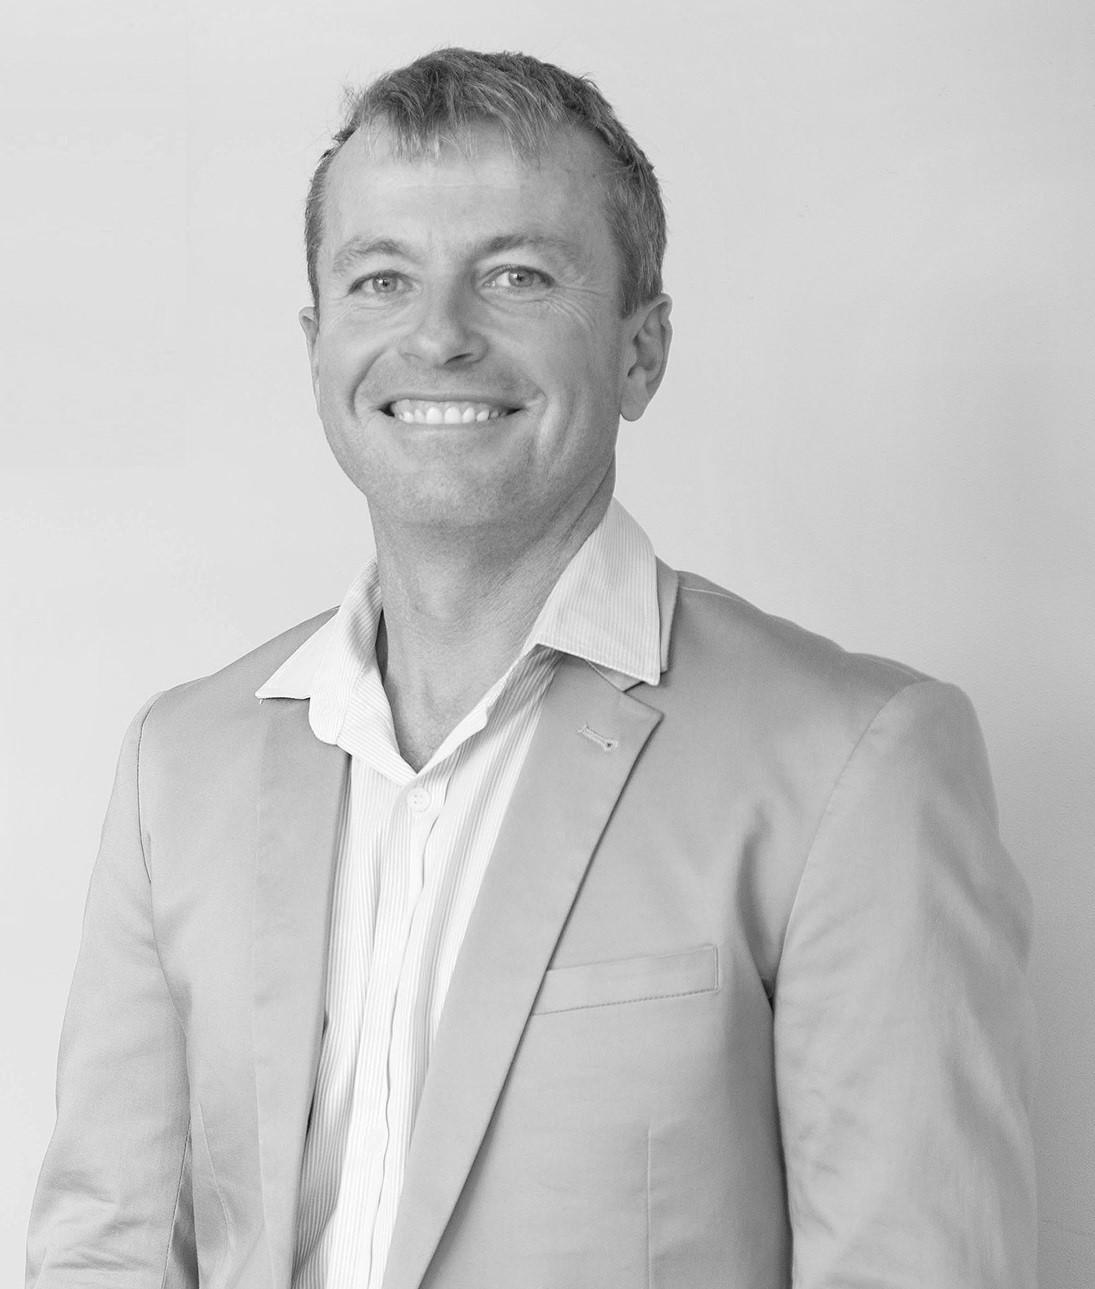 Clint Jensen